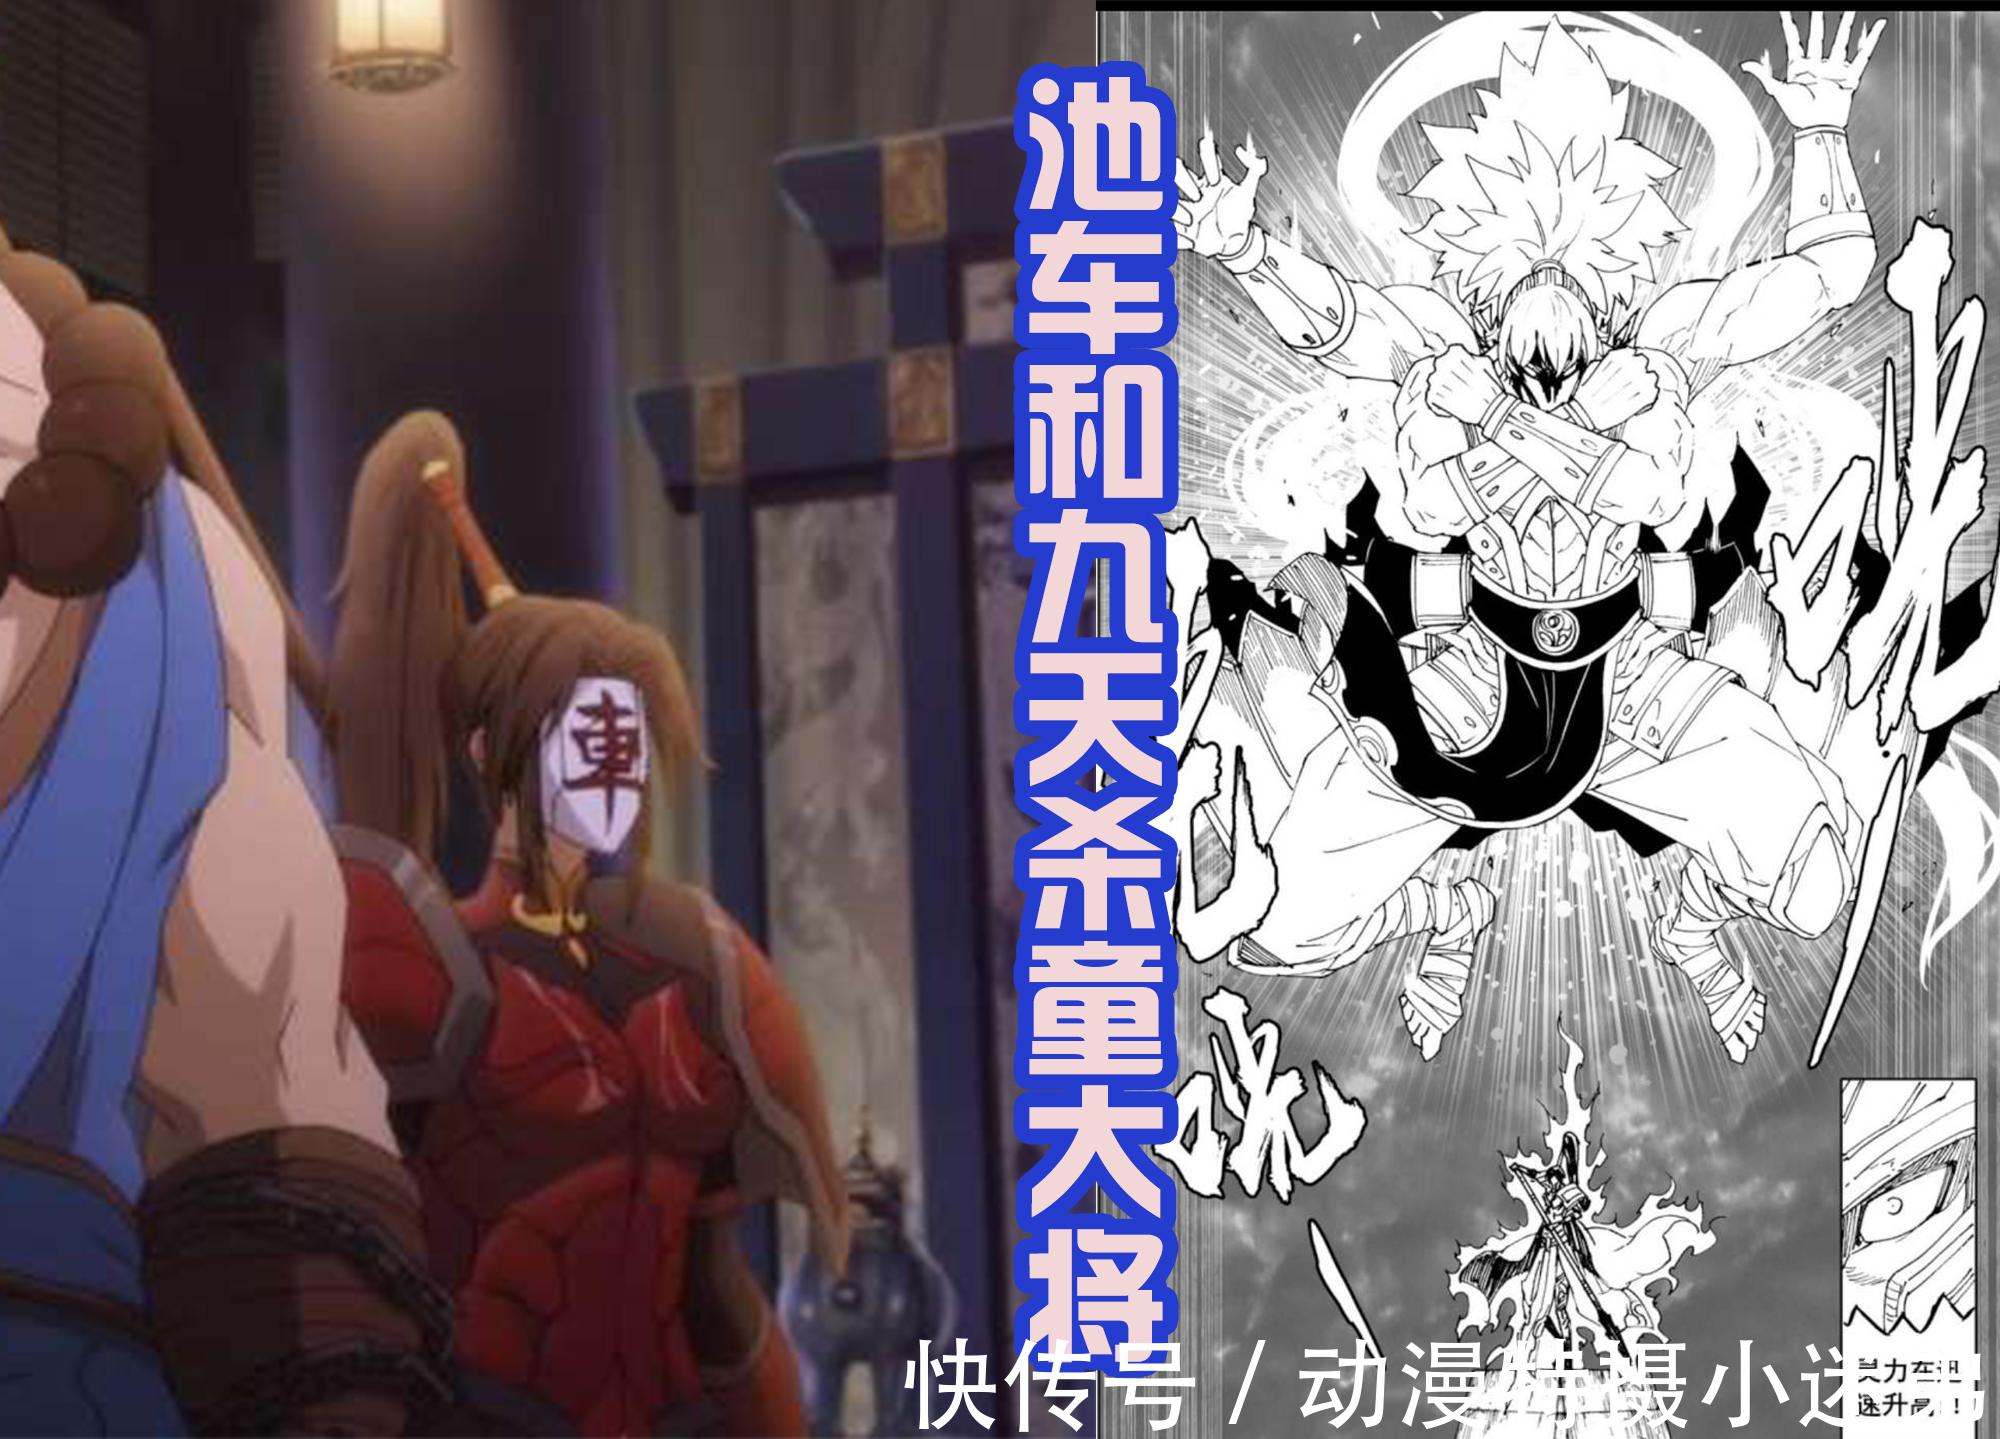 面具|镇魂街龙棋将降临,全部神武灵配置,尤其是铁卒,融合状态真帅!